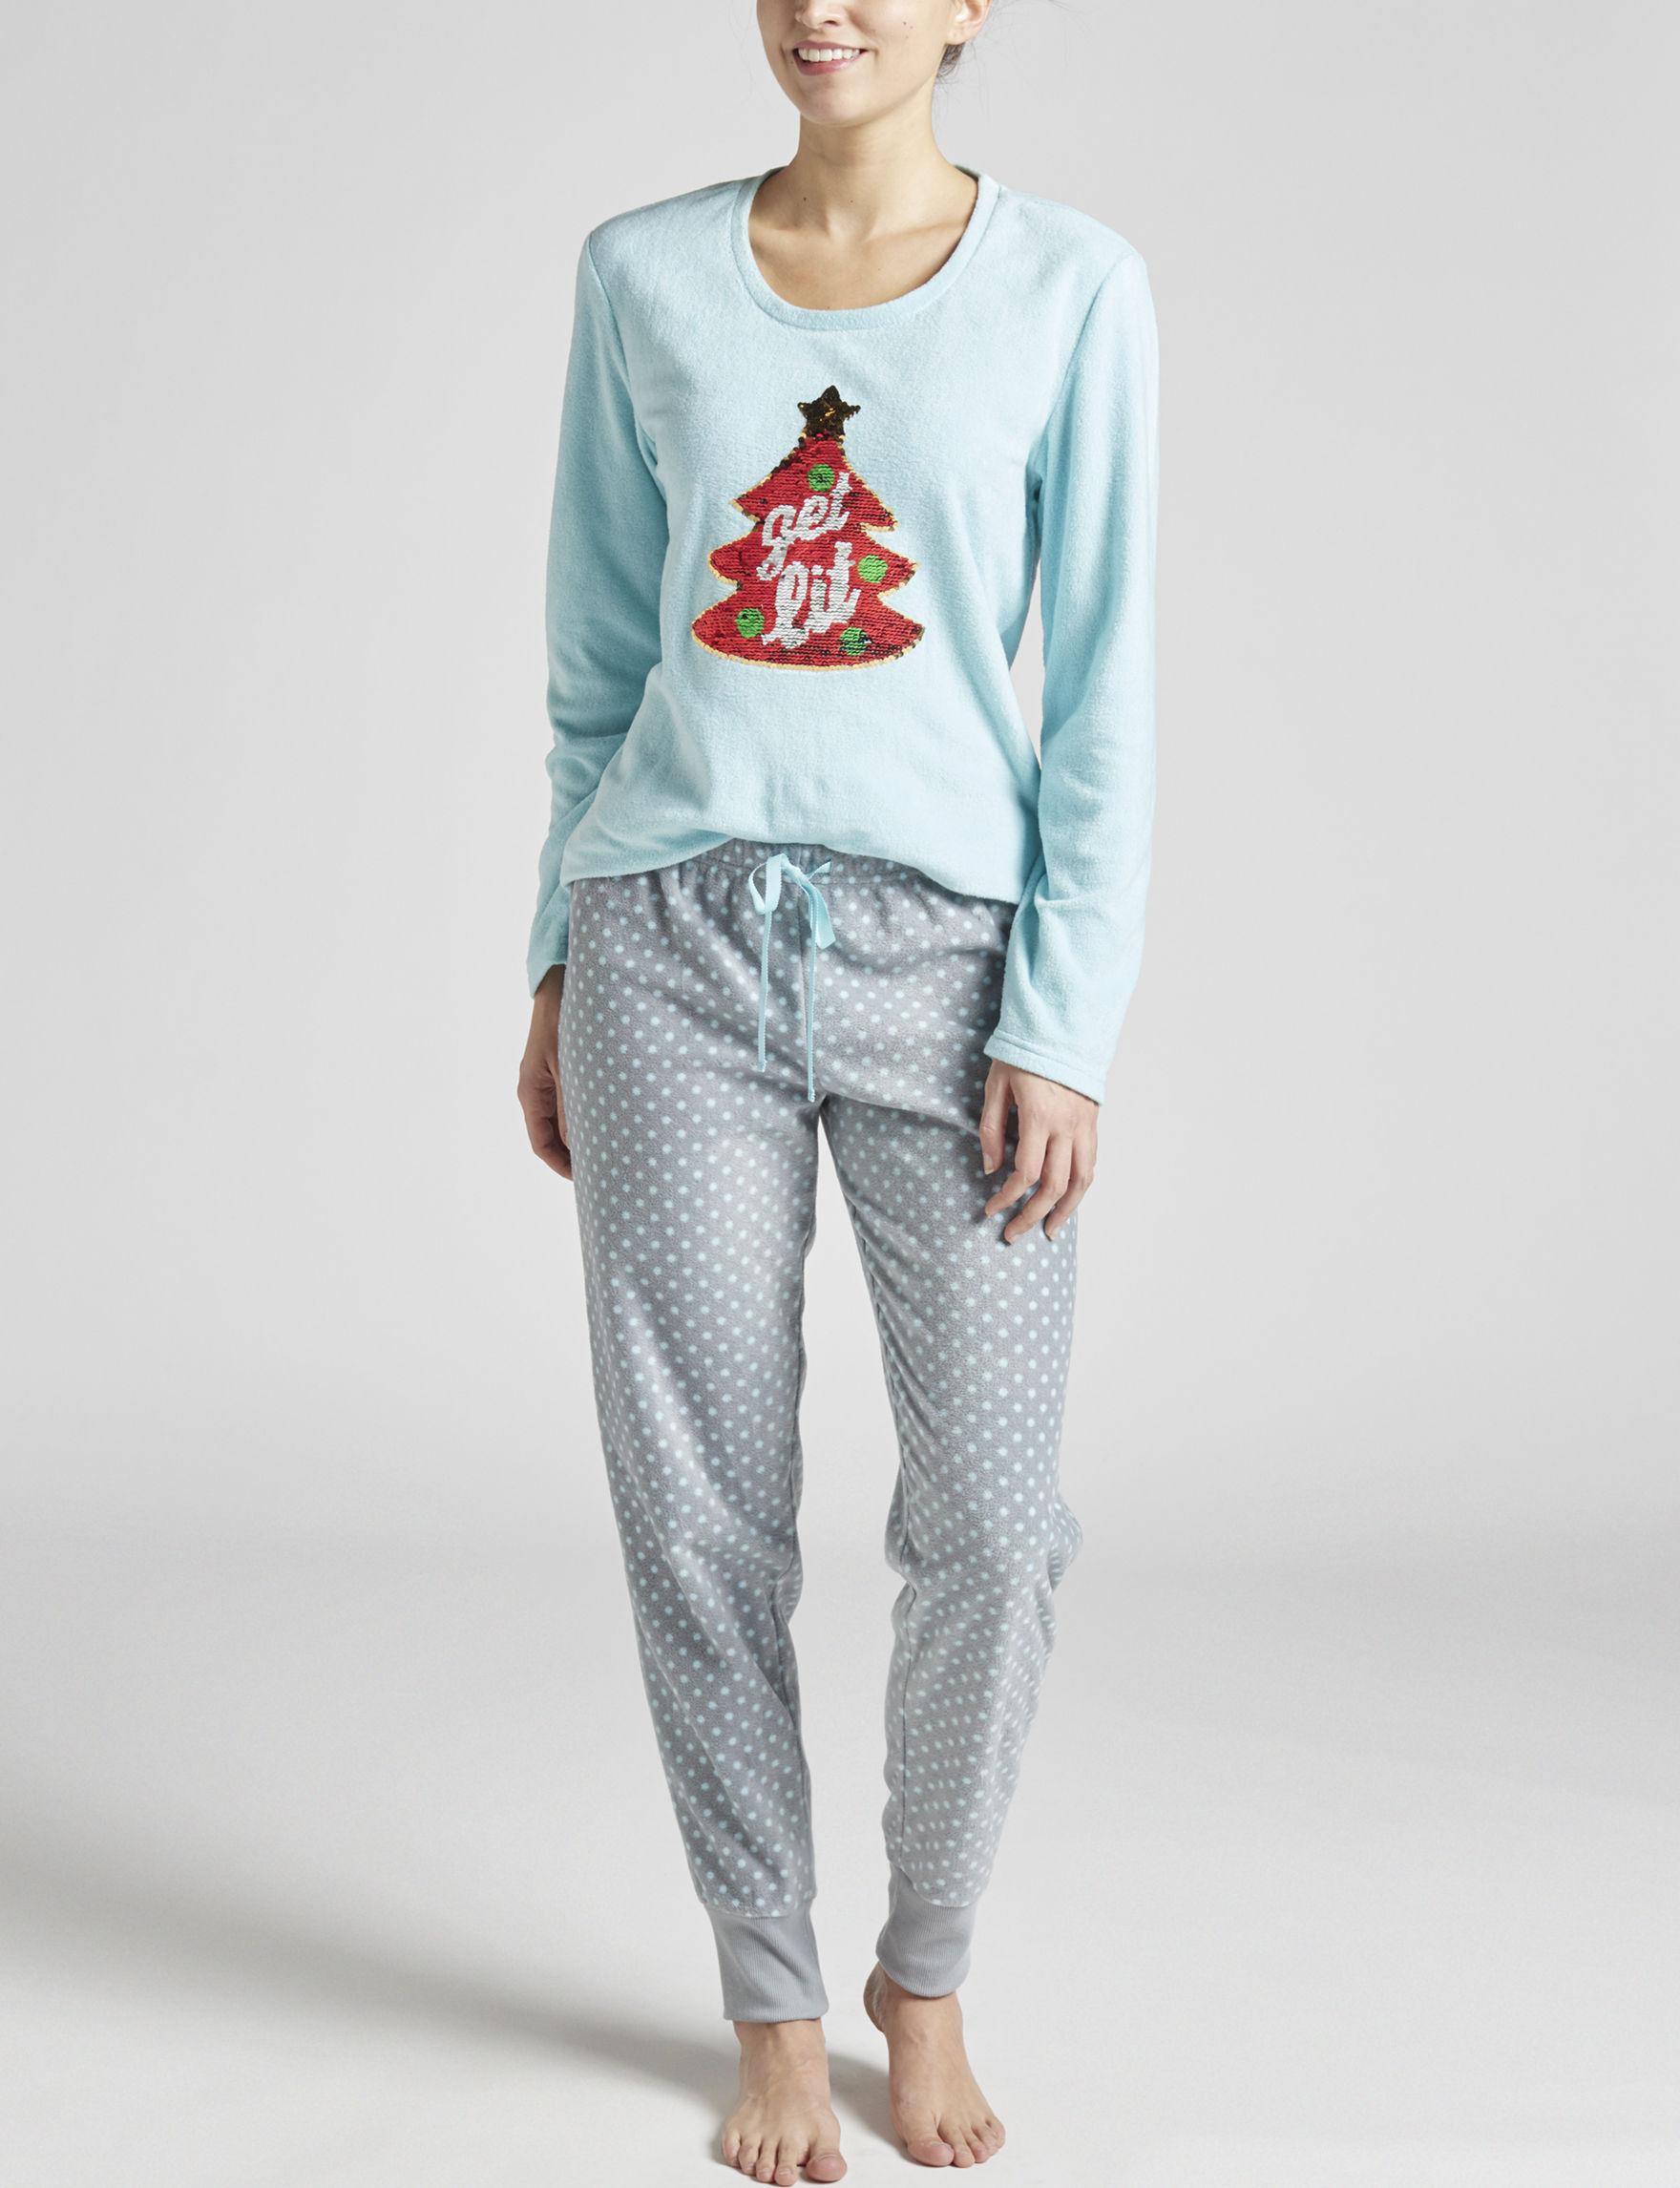 PJ Couture Gray Pajama Sets